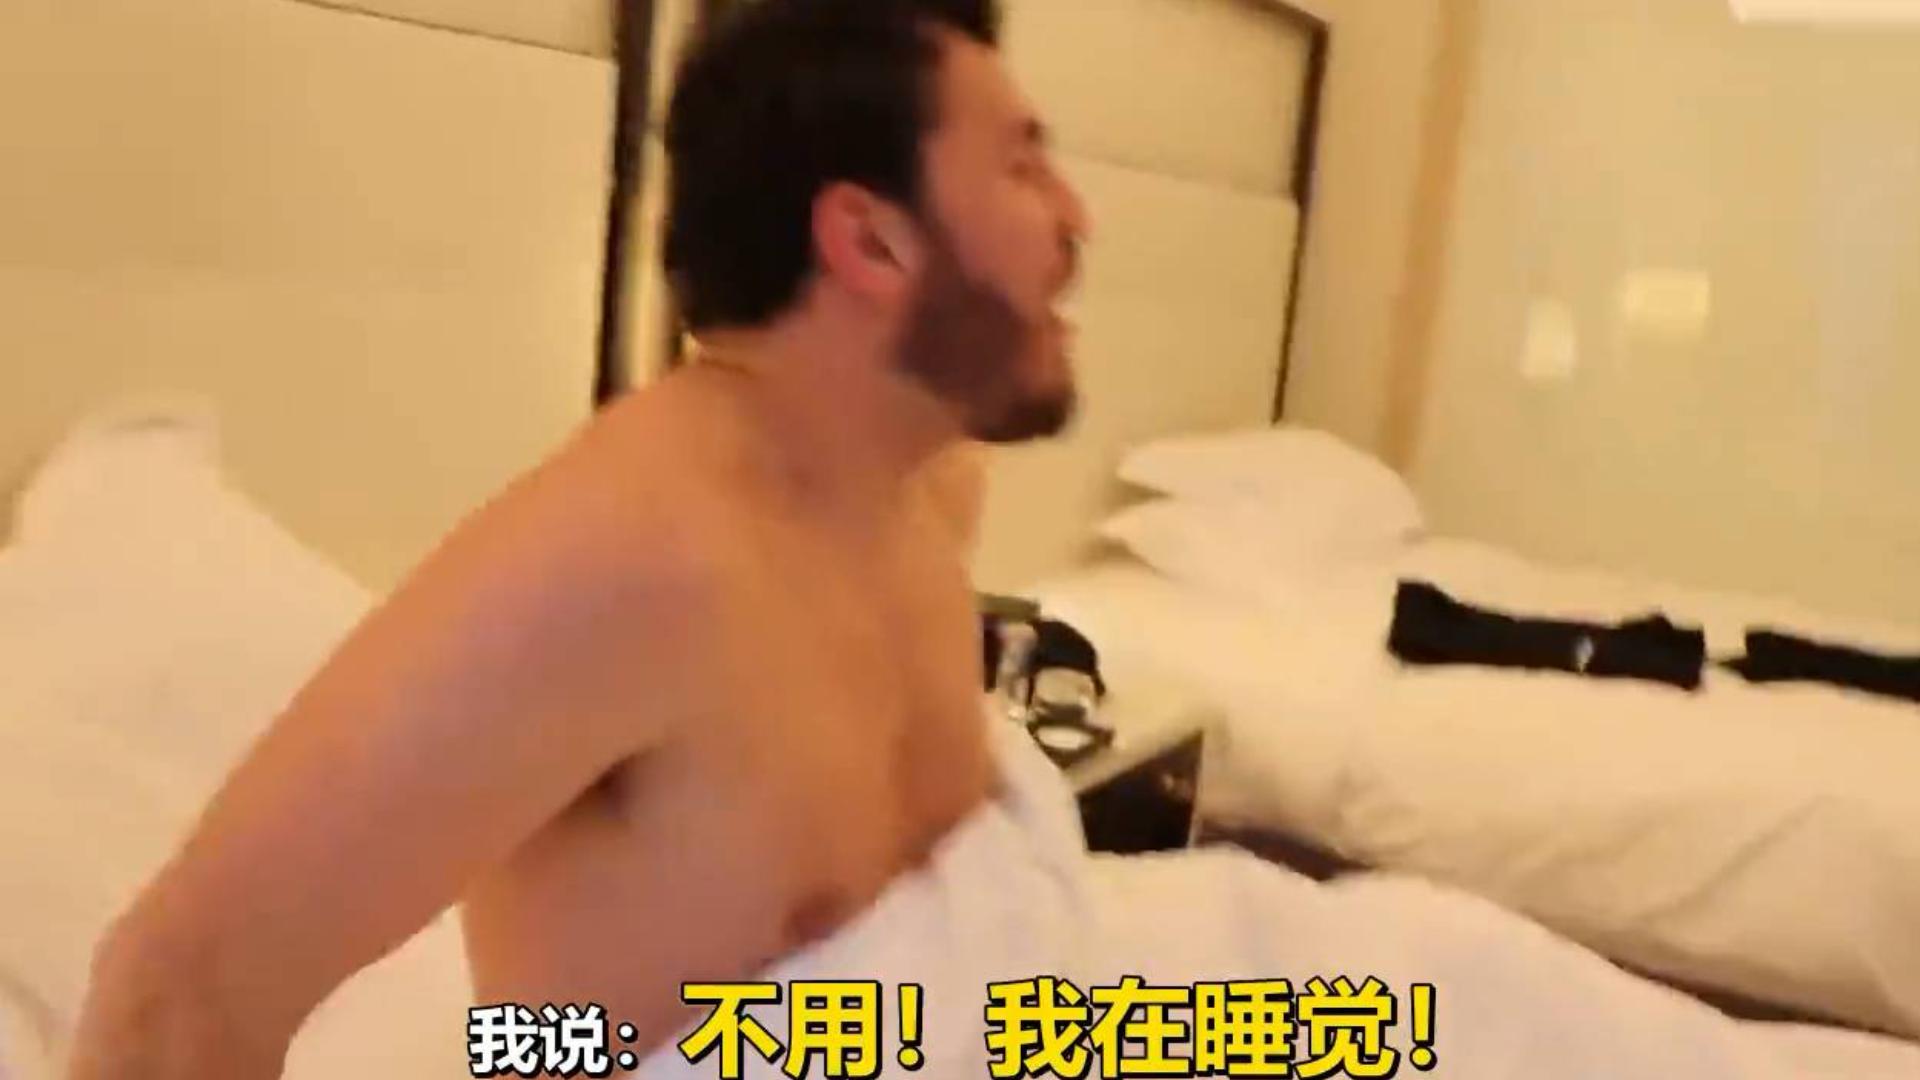 住酒店的我一般是怎么醒的哈哈哈哈哈哈哈哈哈